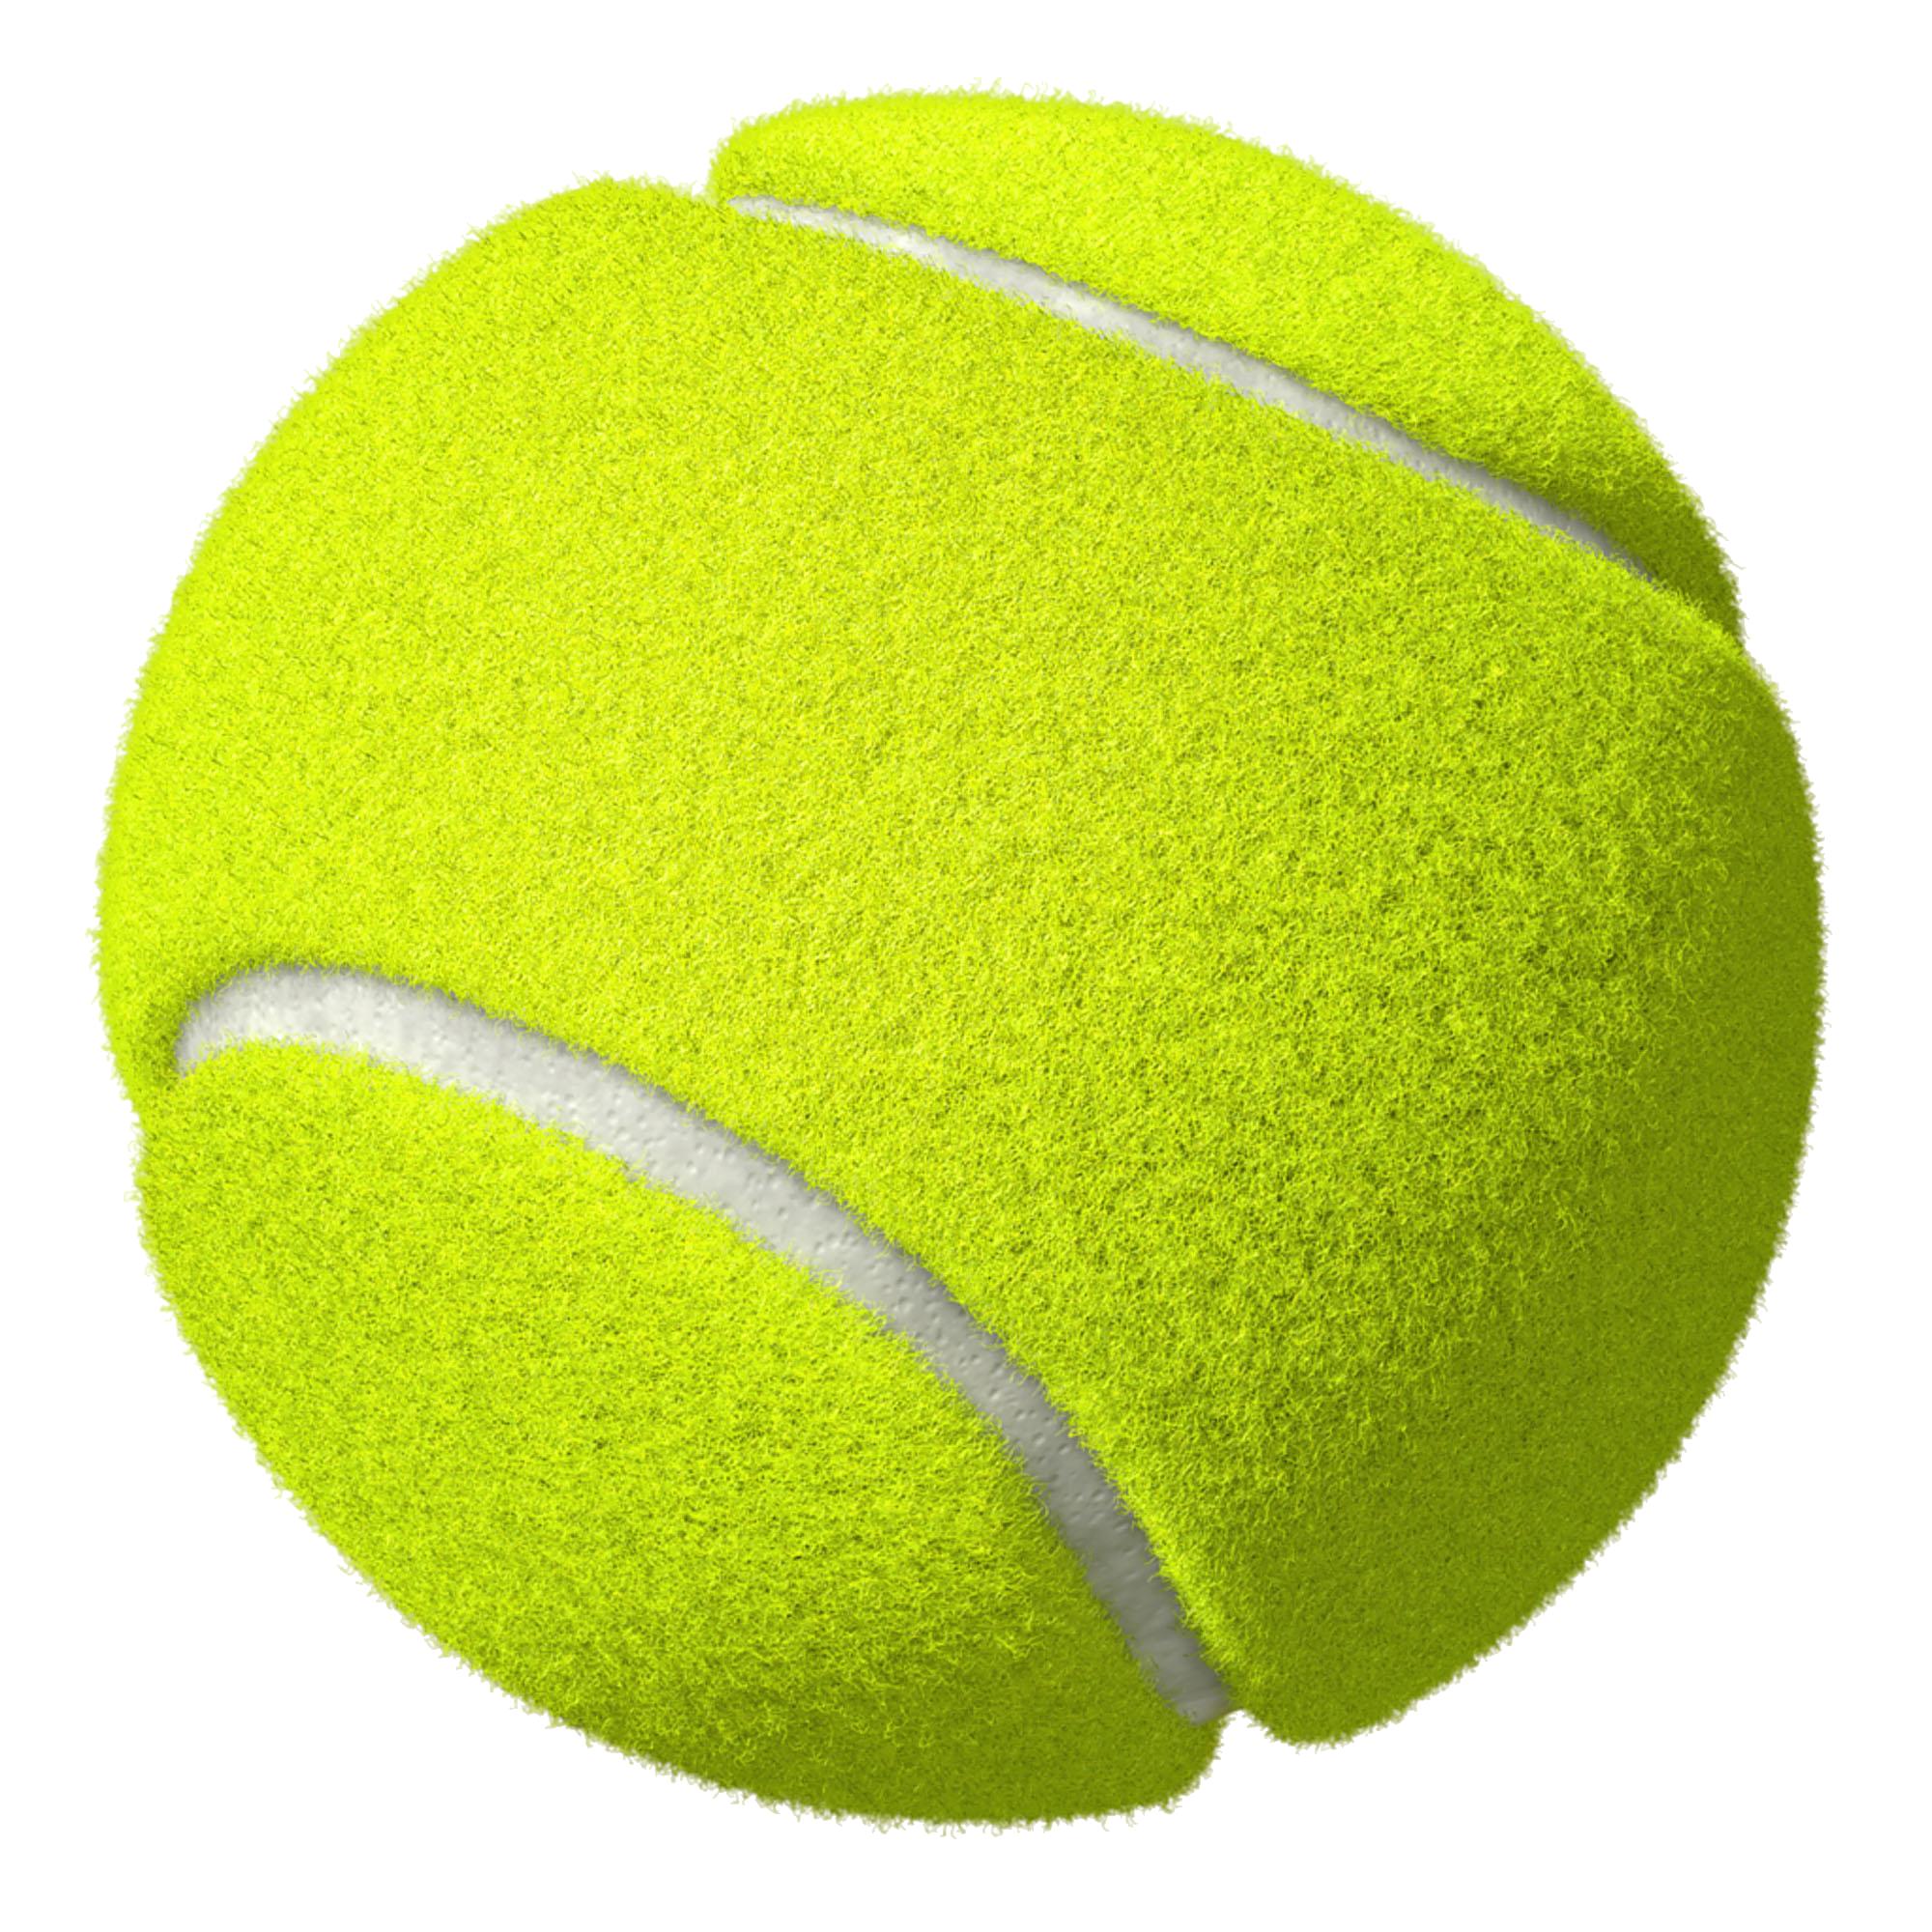 ... Tennis Ball Clip Art as well Tennis Ball Clip Art. on tennis ball with